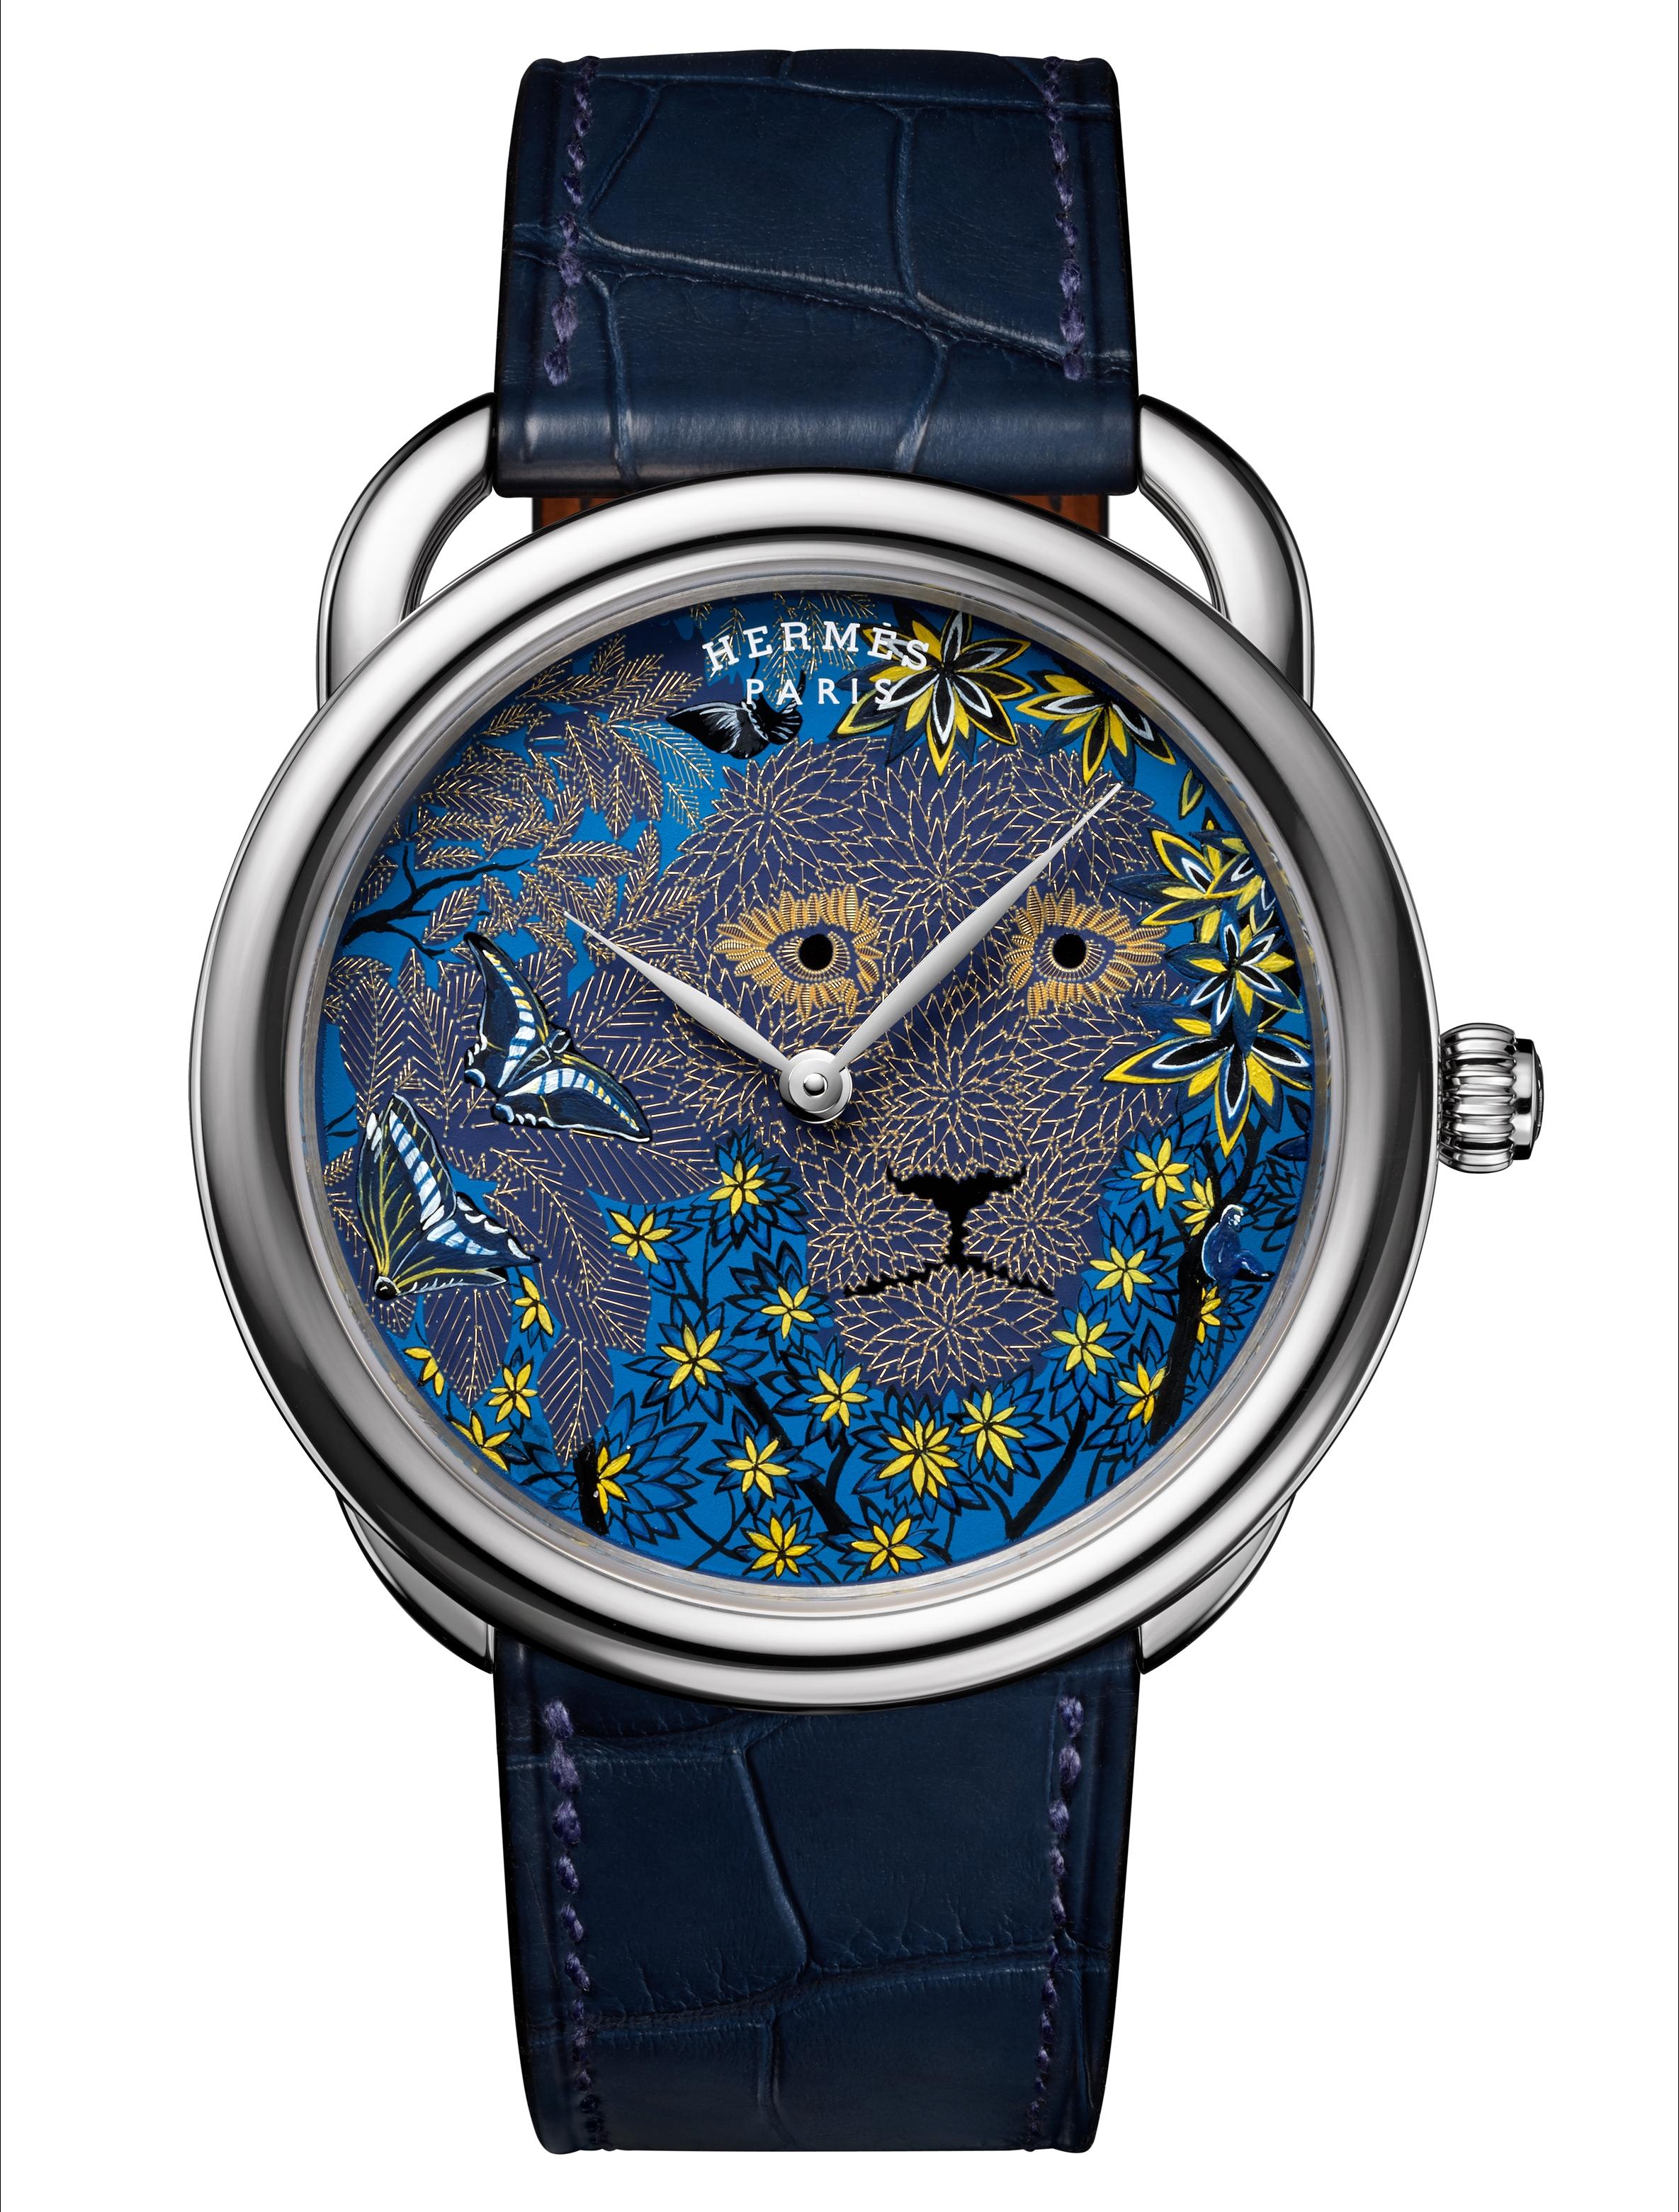 Hermès Arceau Wild Singapore: thêm một mẫu đồng hồ thêu sợi vàng - Ảnh 1